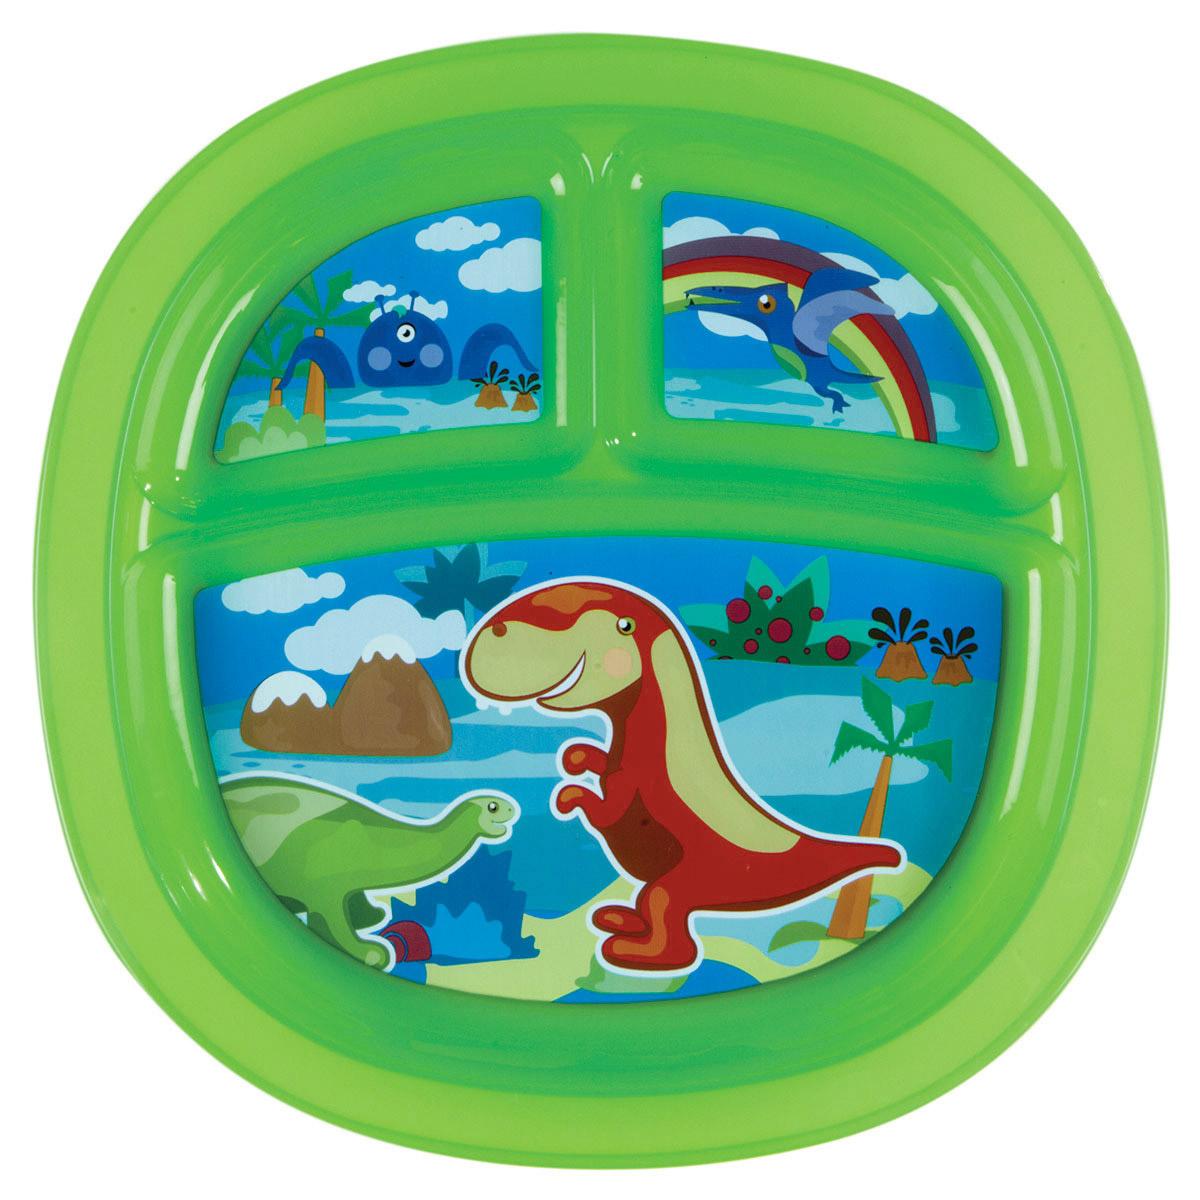 Munchkin Тарелка детская с разделителями цвет зеленый11396_зеленыйДетская тарелка Munchkin прекрасно подойдет для кормления малыша и самостоятельного приема им пищи. Прекрасно подойдет для кормления малыша от 6 месяцев. Она выполнена из прочного безопасного пластика, не содержащего бисфенол А и фталаты. Тарелка разделена на три секции, которые не позволят еде смешиваться. На дне имеются прорезиненные вставки, предохраняющие ее от скольжения. Детская тарелка подходит для использования в микроволновой печи. Можно мыть на верхней полке в посудомоечной машине. Кредо Munchkin, американской компании с 20- летней историей: избавить мир от надоевших и прозаических товаров, искать умные инновационные решения, которые превращают обыденные задачи в опыт, приносящий удовольствие. Понимая, что наибольшее значение в быту имеют именно мелочи, компания создает уникальные товары, которые помогают поддерживать порядок, организовывать пространство, облегчают уход за детьми - недаром компания имеет уже более 140 патентов и...